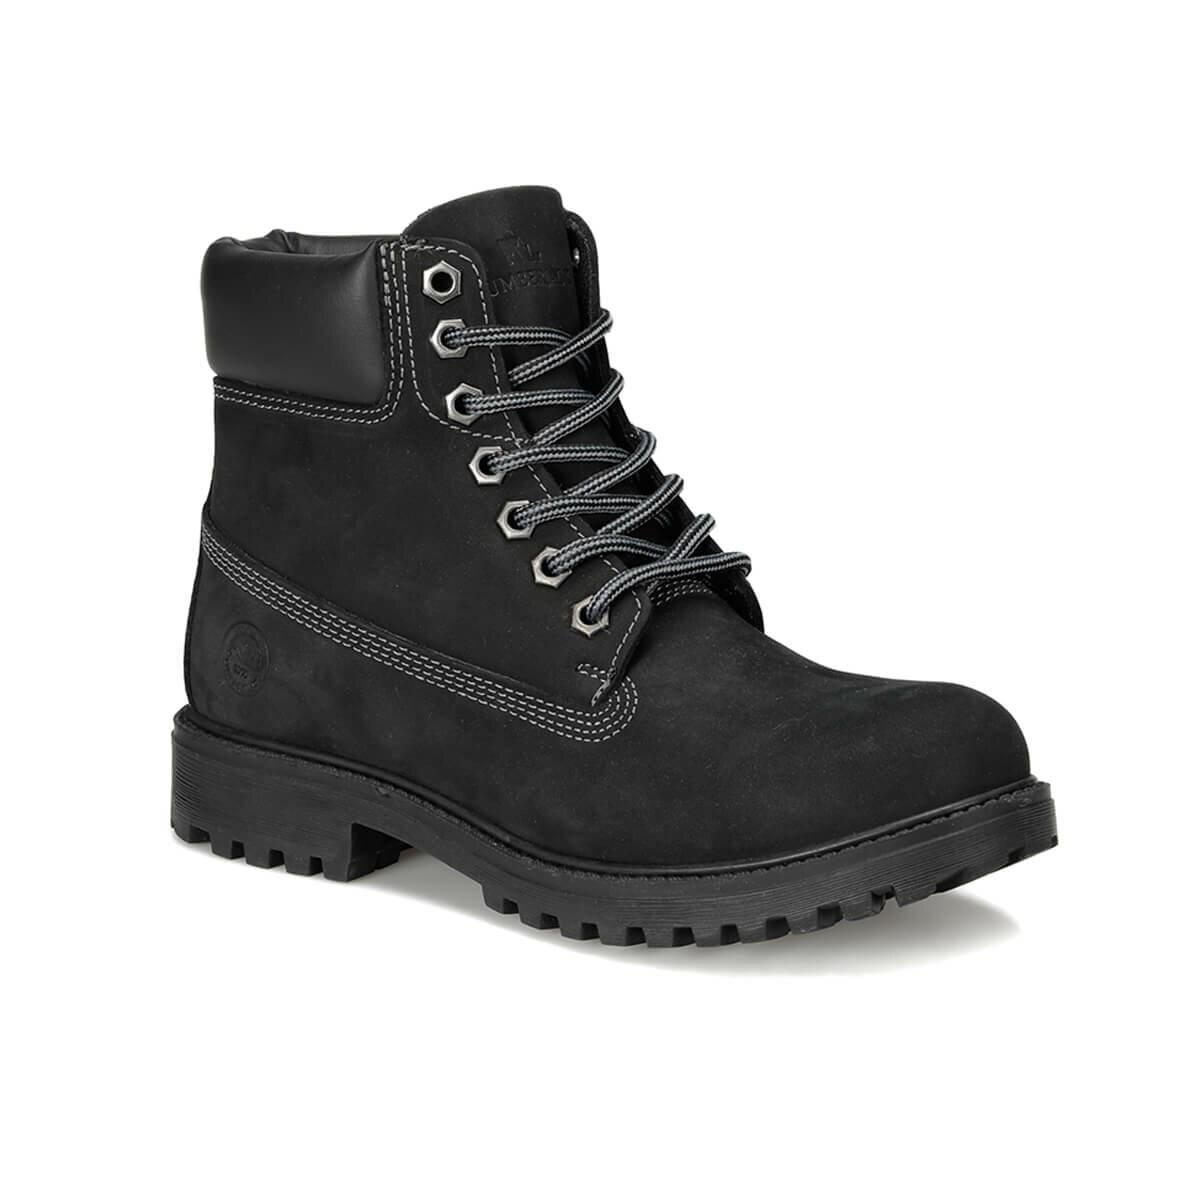 FLO, botas para mujer, botines para mujer, negro, arena, amarillo, marrón, otoño, invierno, zapatillas resistentes a la moda, casa de campo, casa de campo, tobillera, cuartos de baño